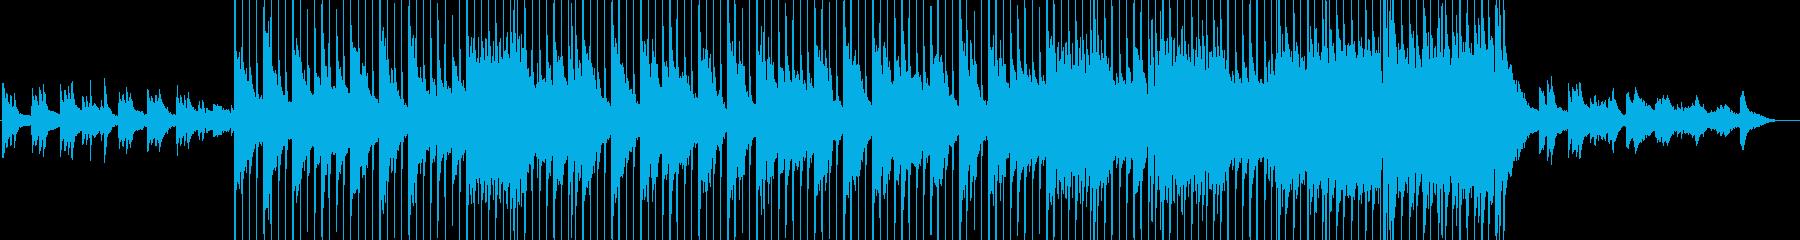 あなたのプロジェクトのためのロマン...の再生済みの波形